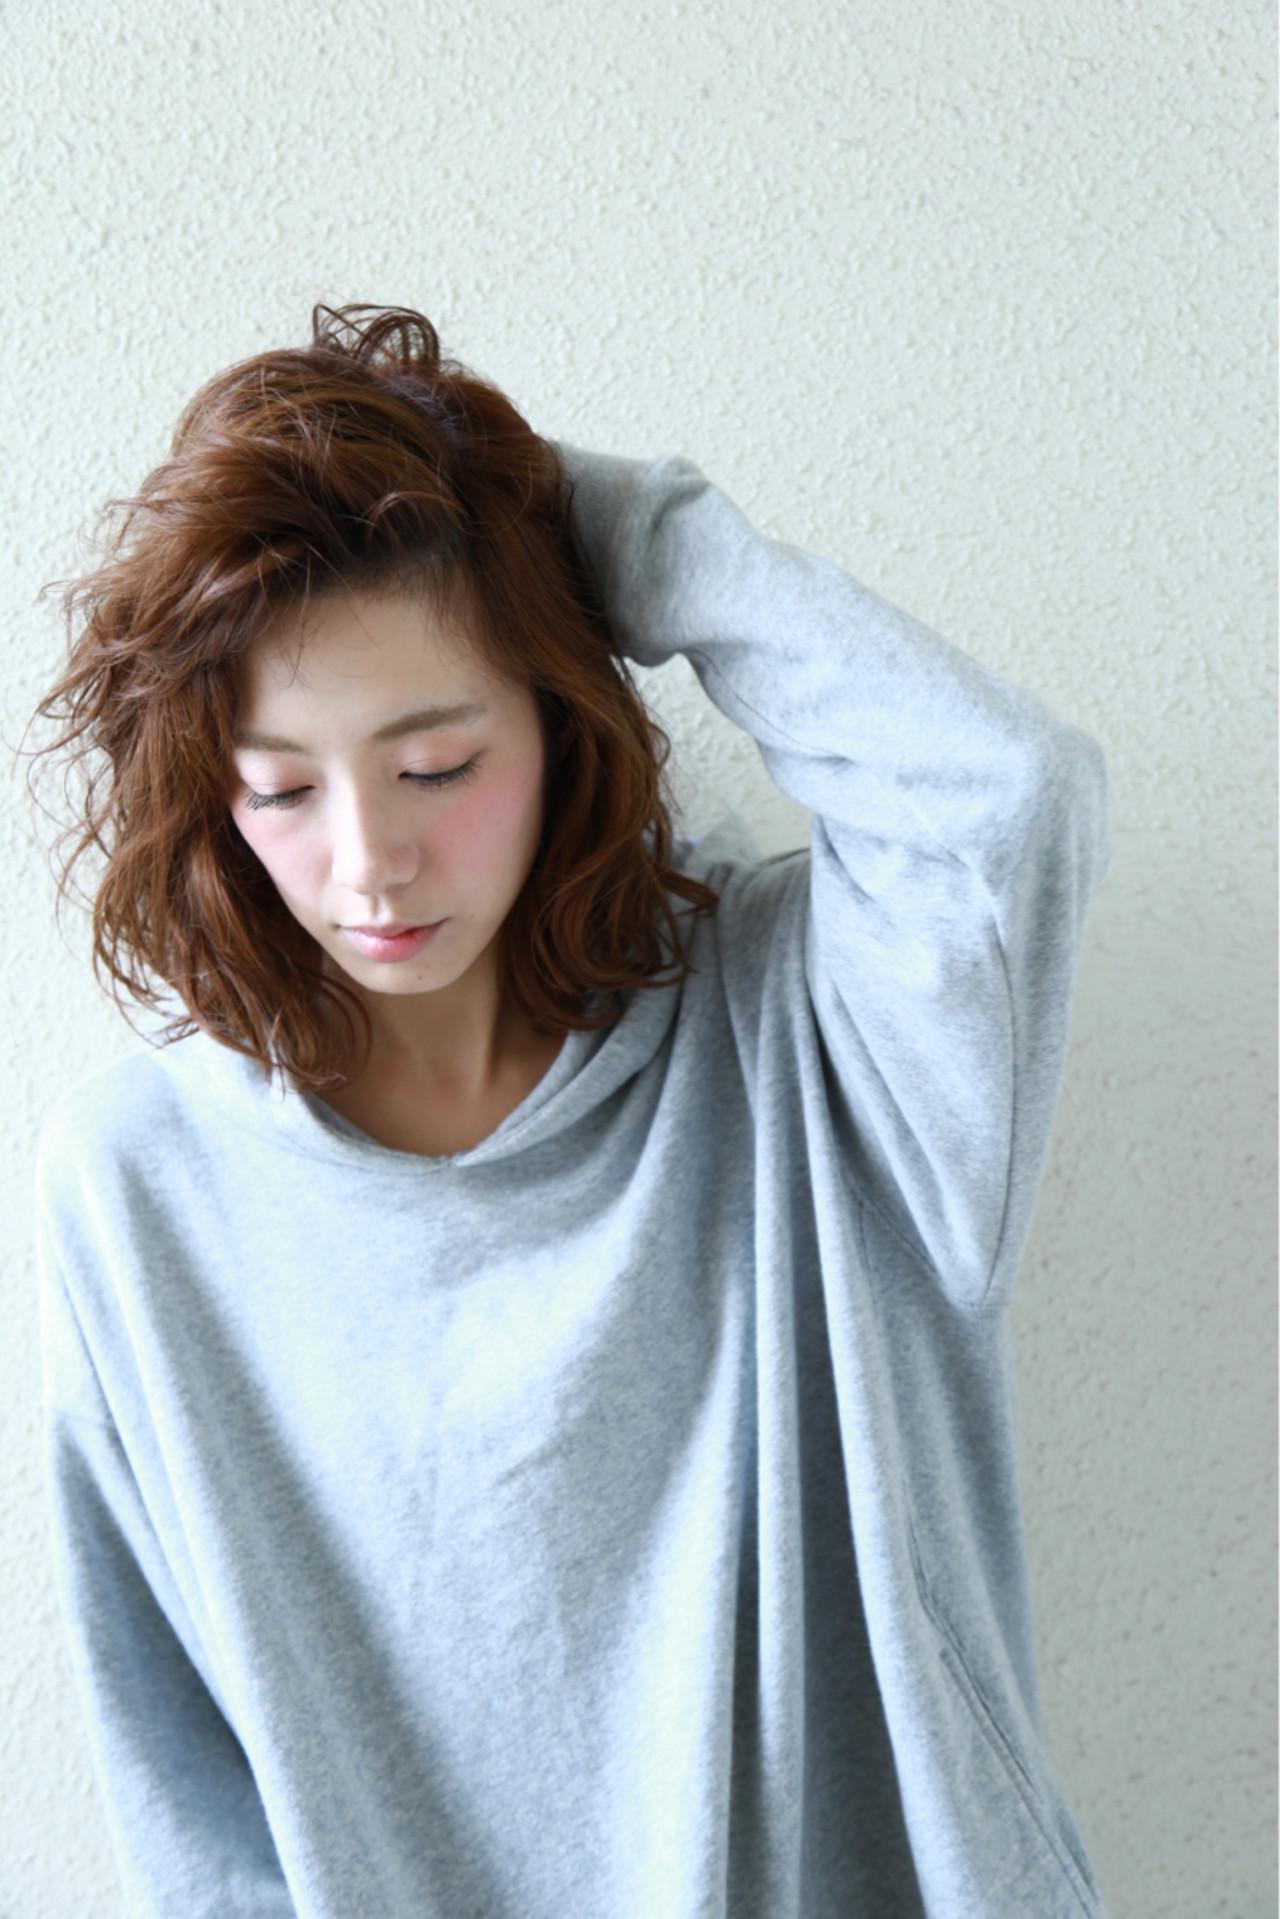 髪形&目的別♡おすすめスタイリング剤ランキングまとめ MODEK's 【塚本店】中村猛 獅